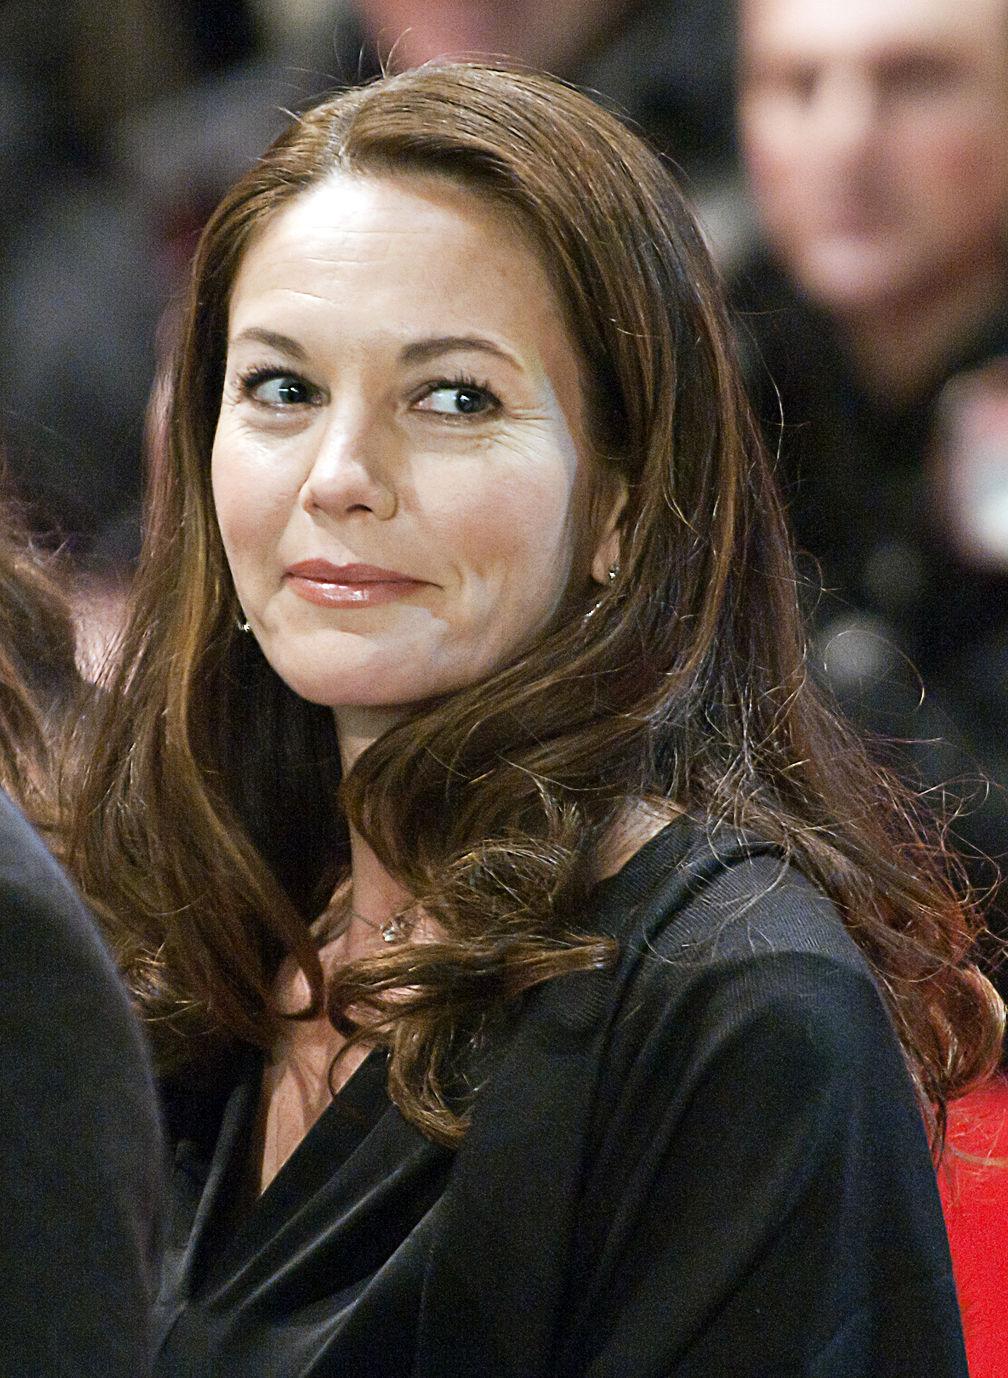 Photo of Diane Lane: Film actress